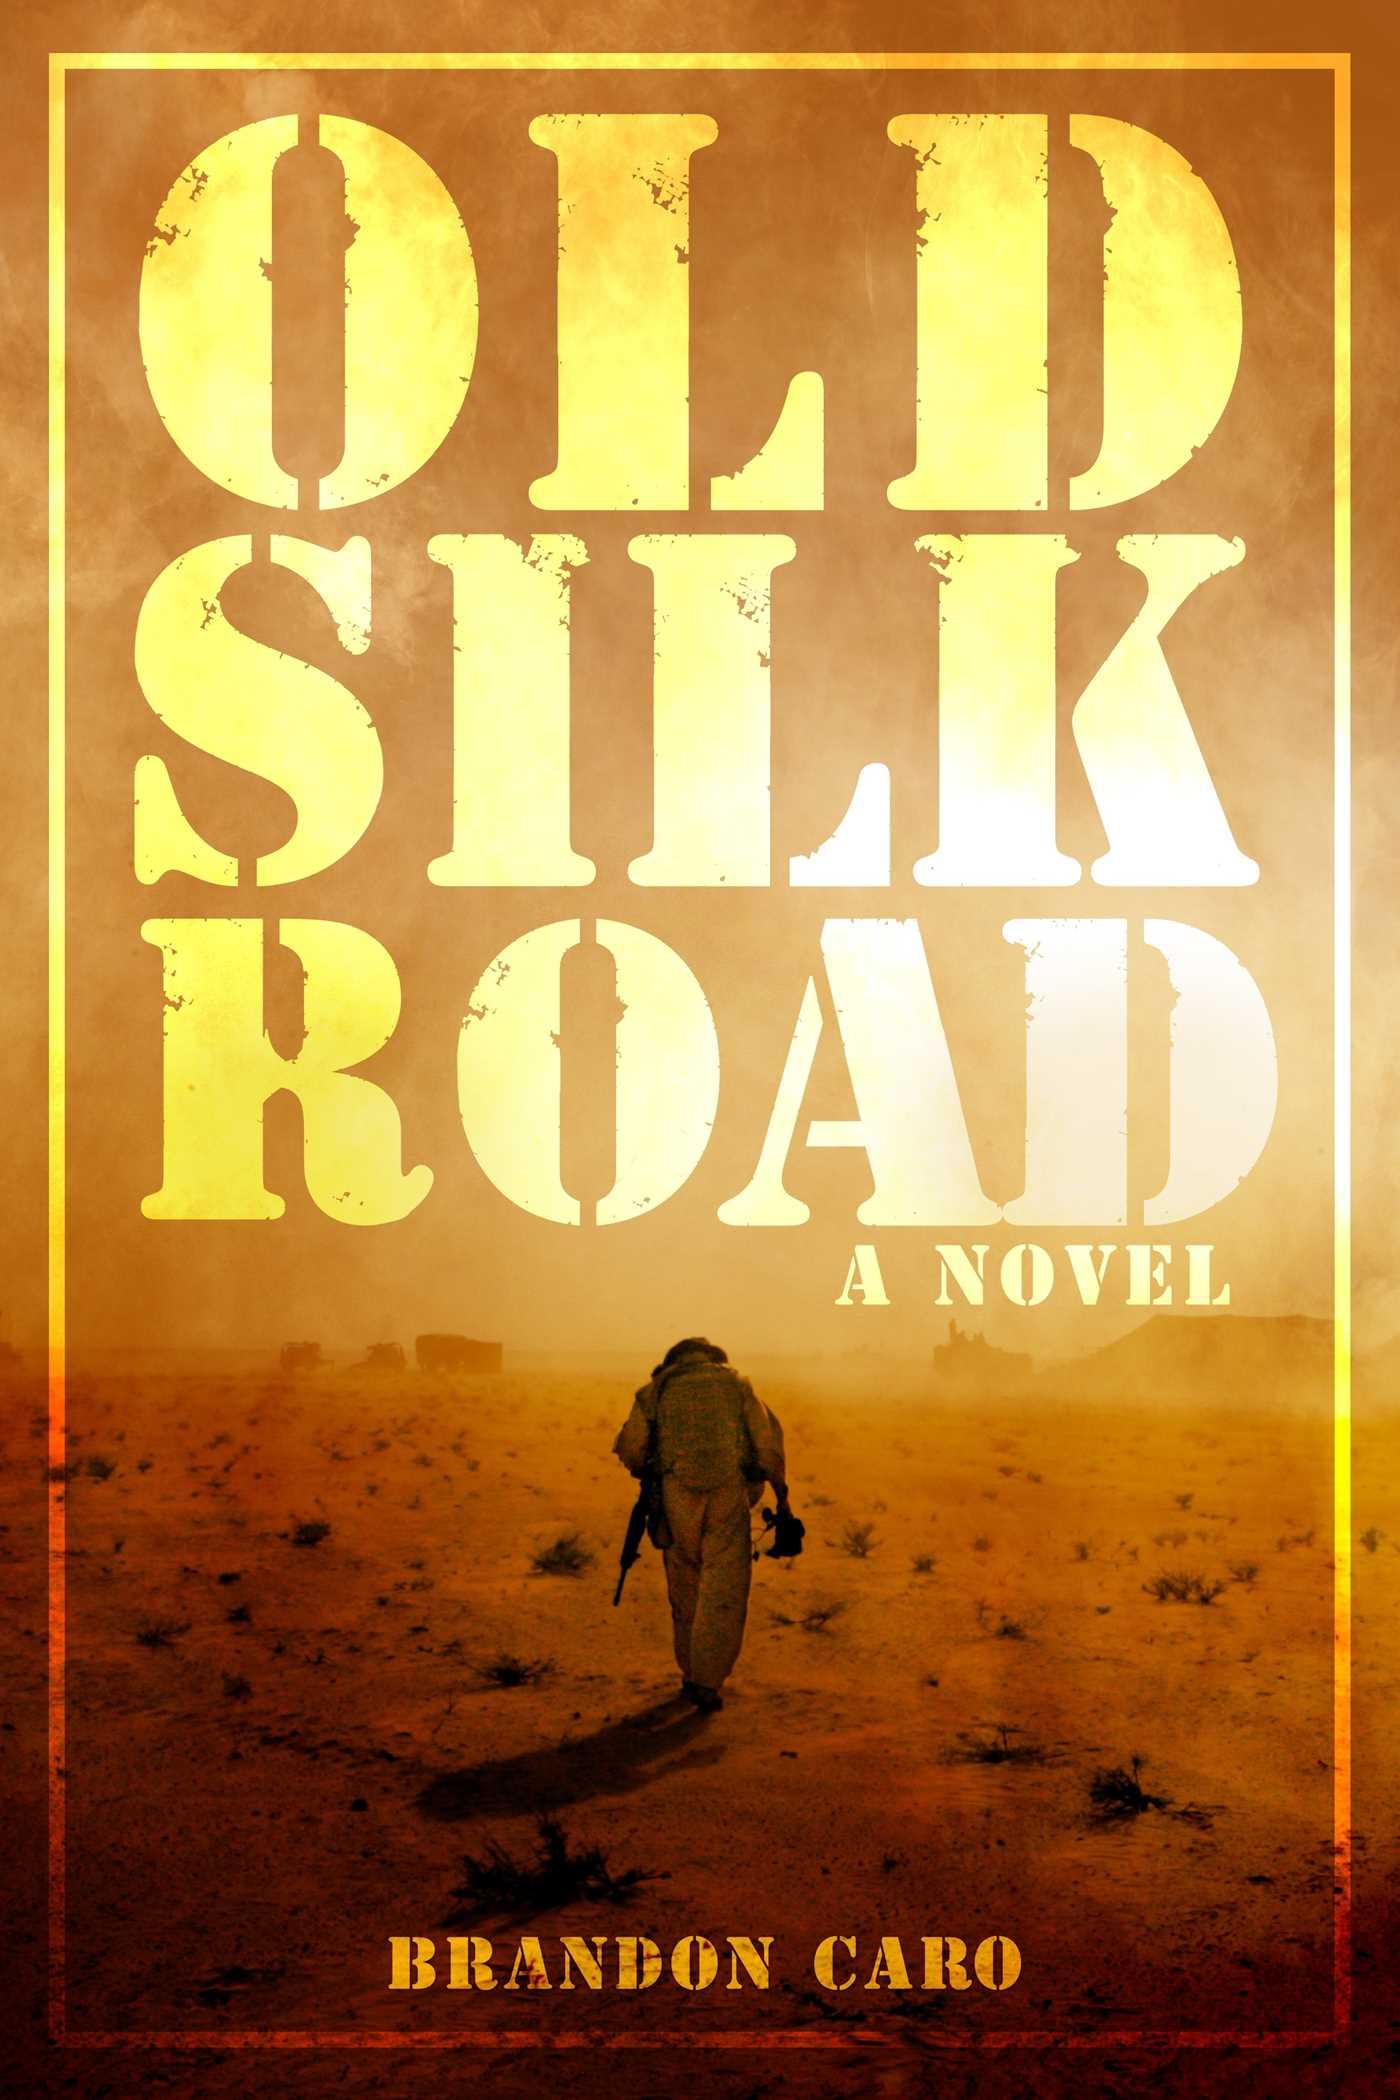 Old silk road 9781618688705 hr